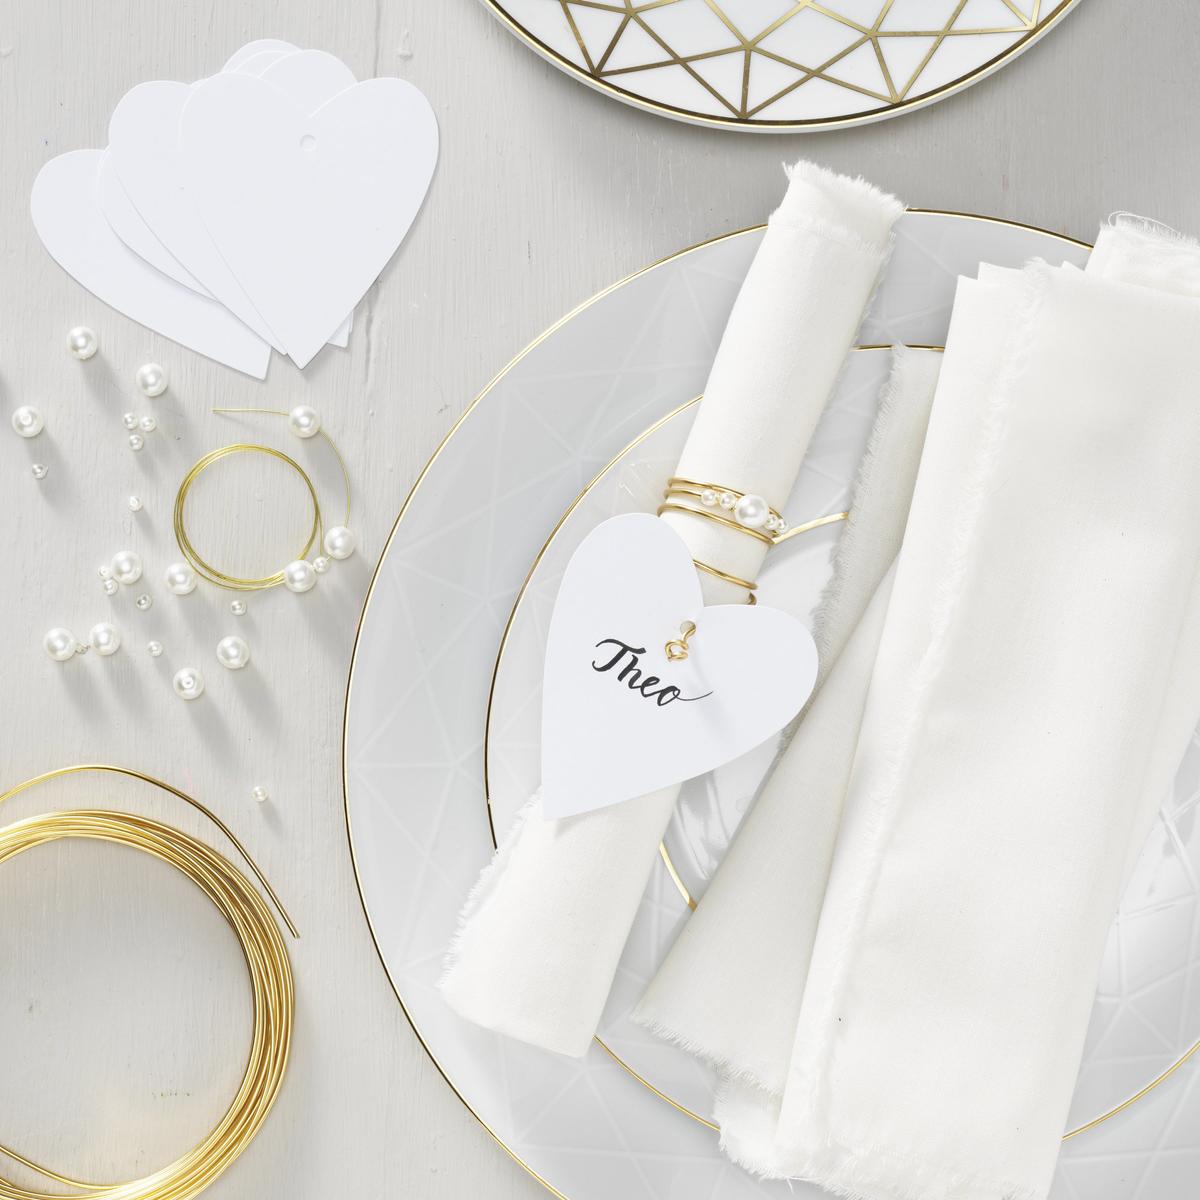 Lag elegante bordkort til festen